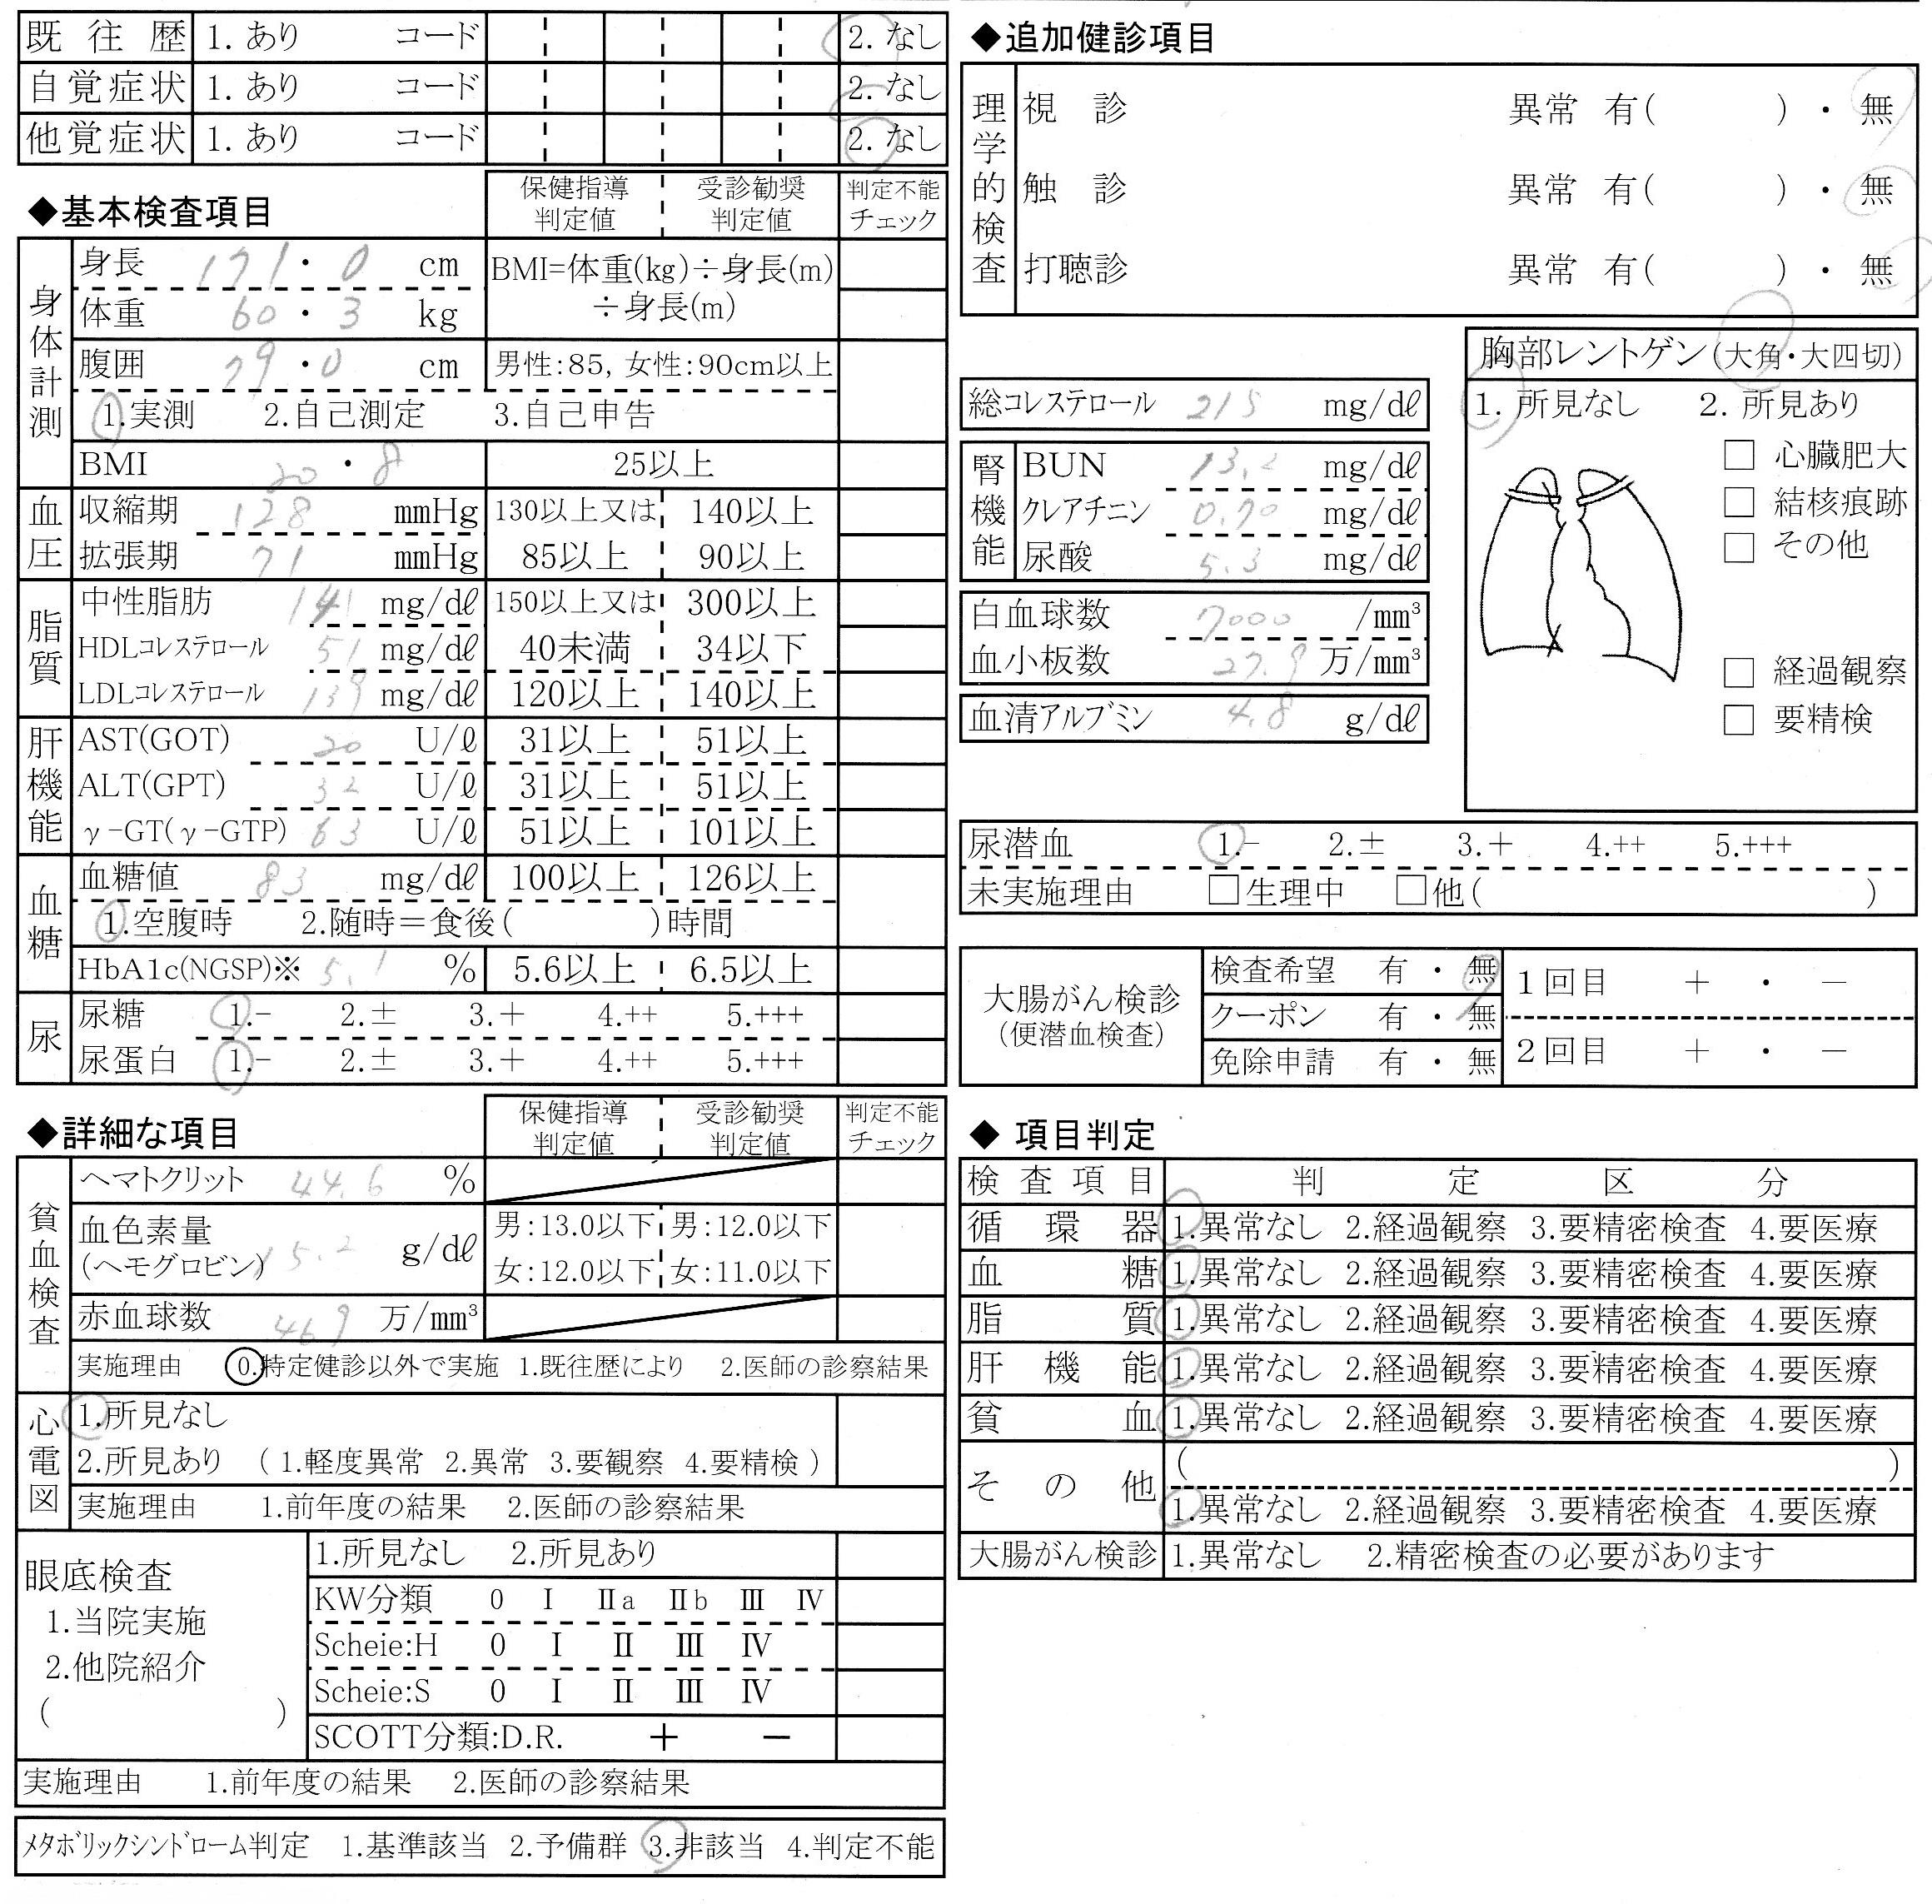 20141024_0.jpg